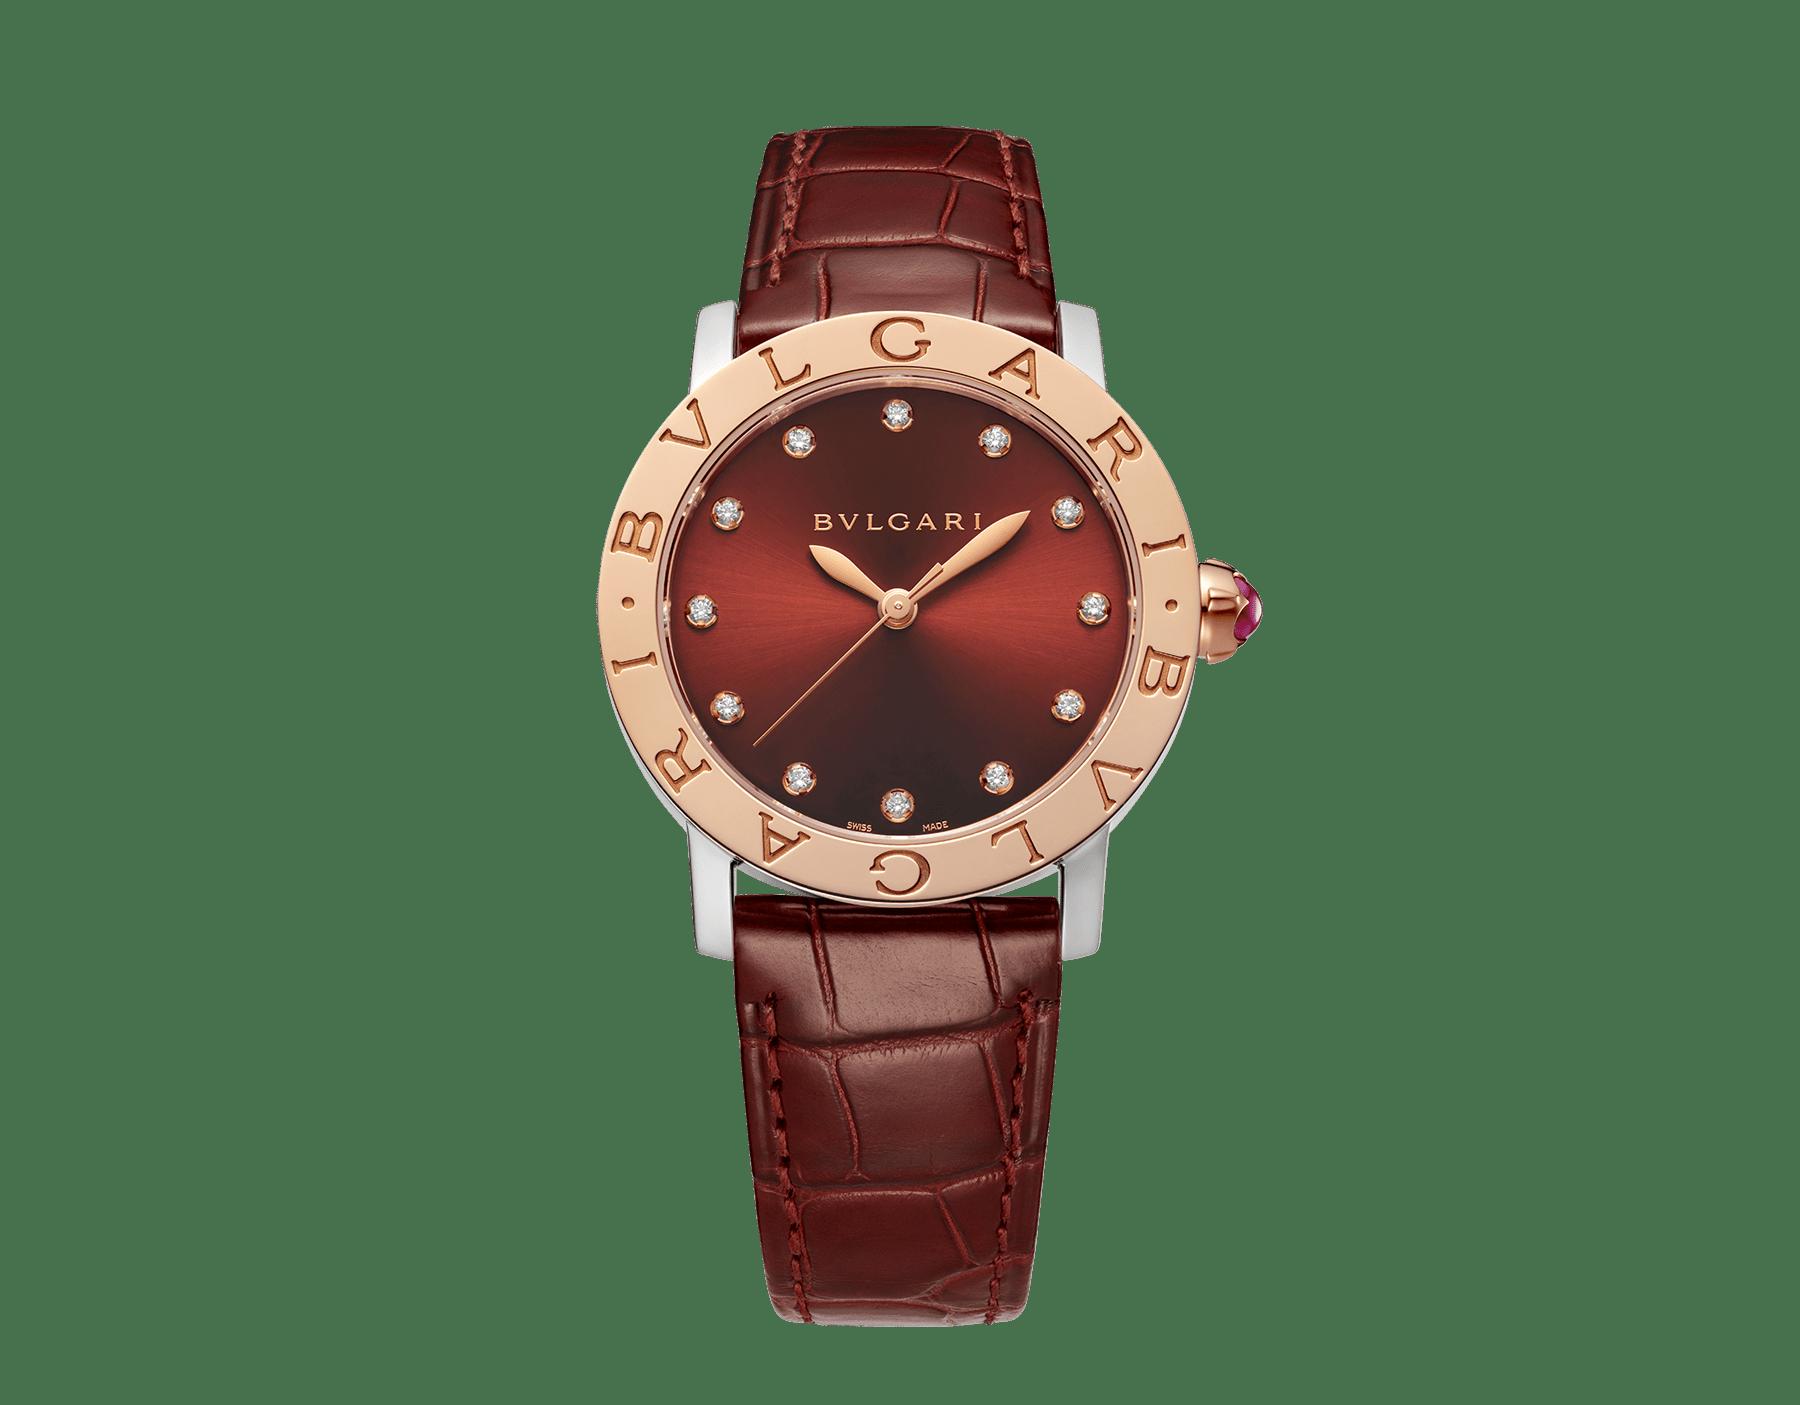 Relógio BVLGARIBVLGARI com caixa em aço inoxidável, bezel em ouro rosa 18K, mostrador laqueado acetinado marrom soleil, índices de diamante dourados e pulseira em couro de jacaré marrom escuro brilhante 102742 image 1